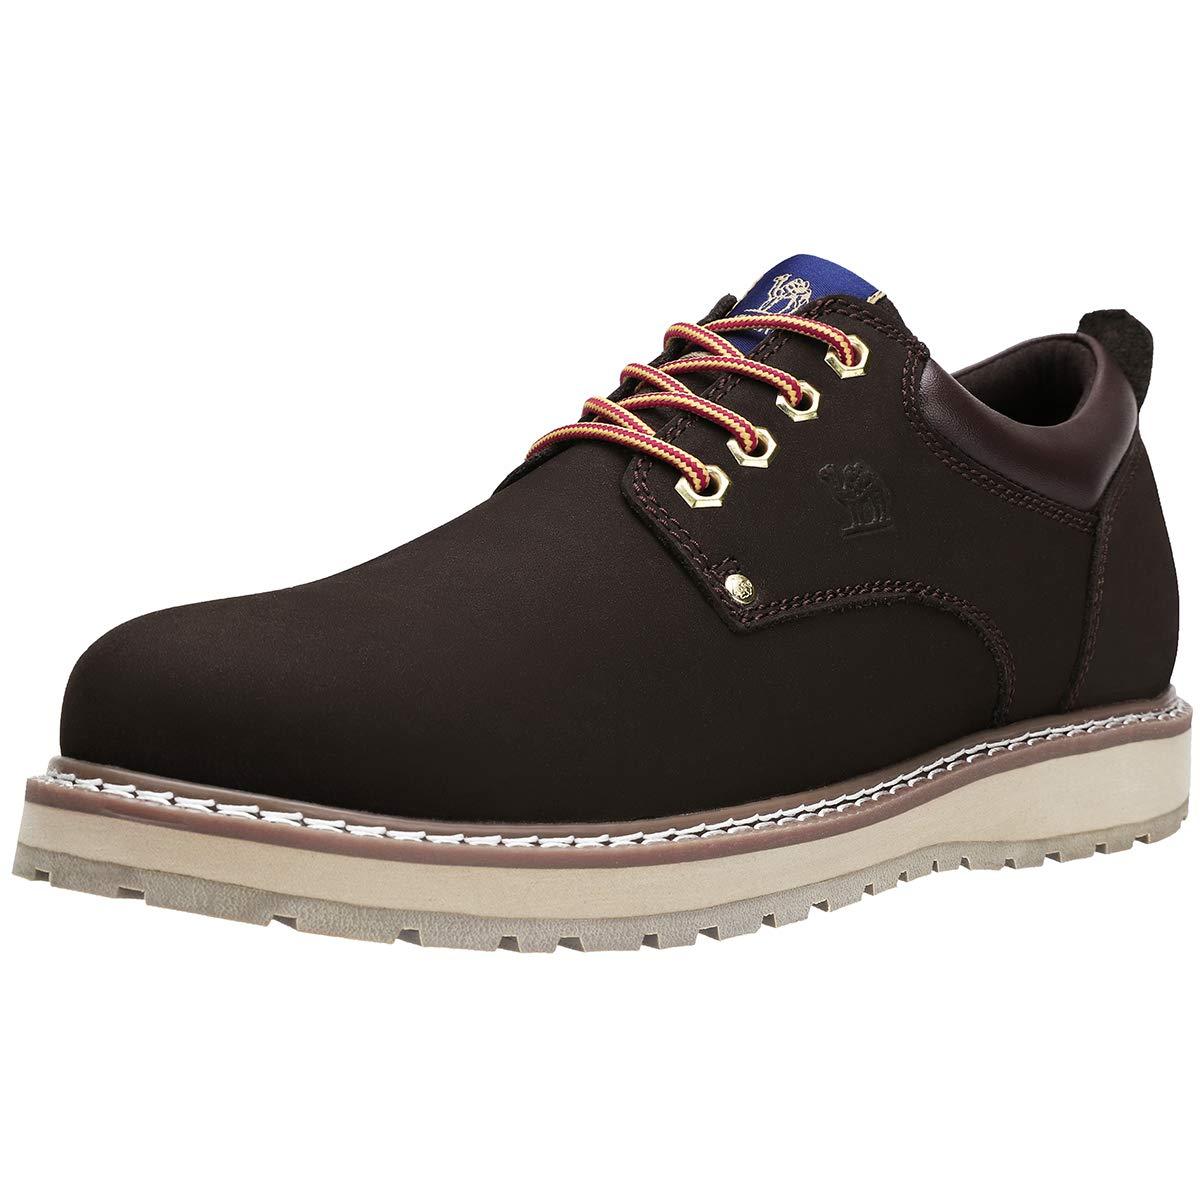 68df460e CAMEL CROWN Zapatos de Cordones para Hombre Oxford Zapatillas Casual Hombre  Vestir Derby, 41-